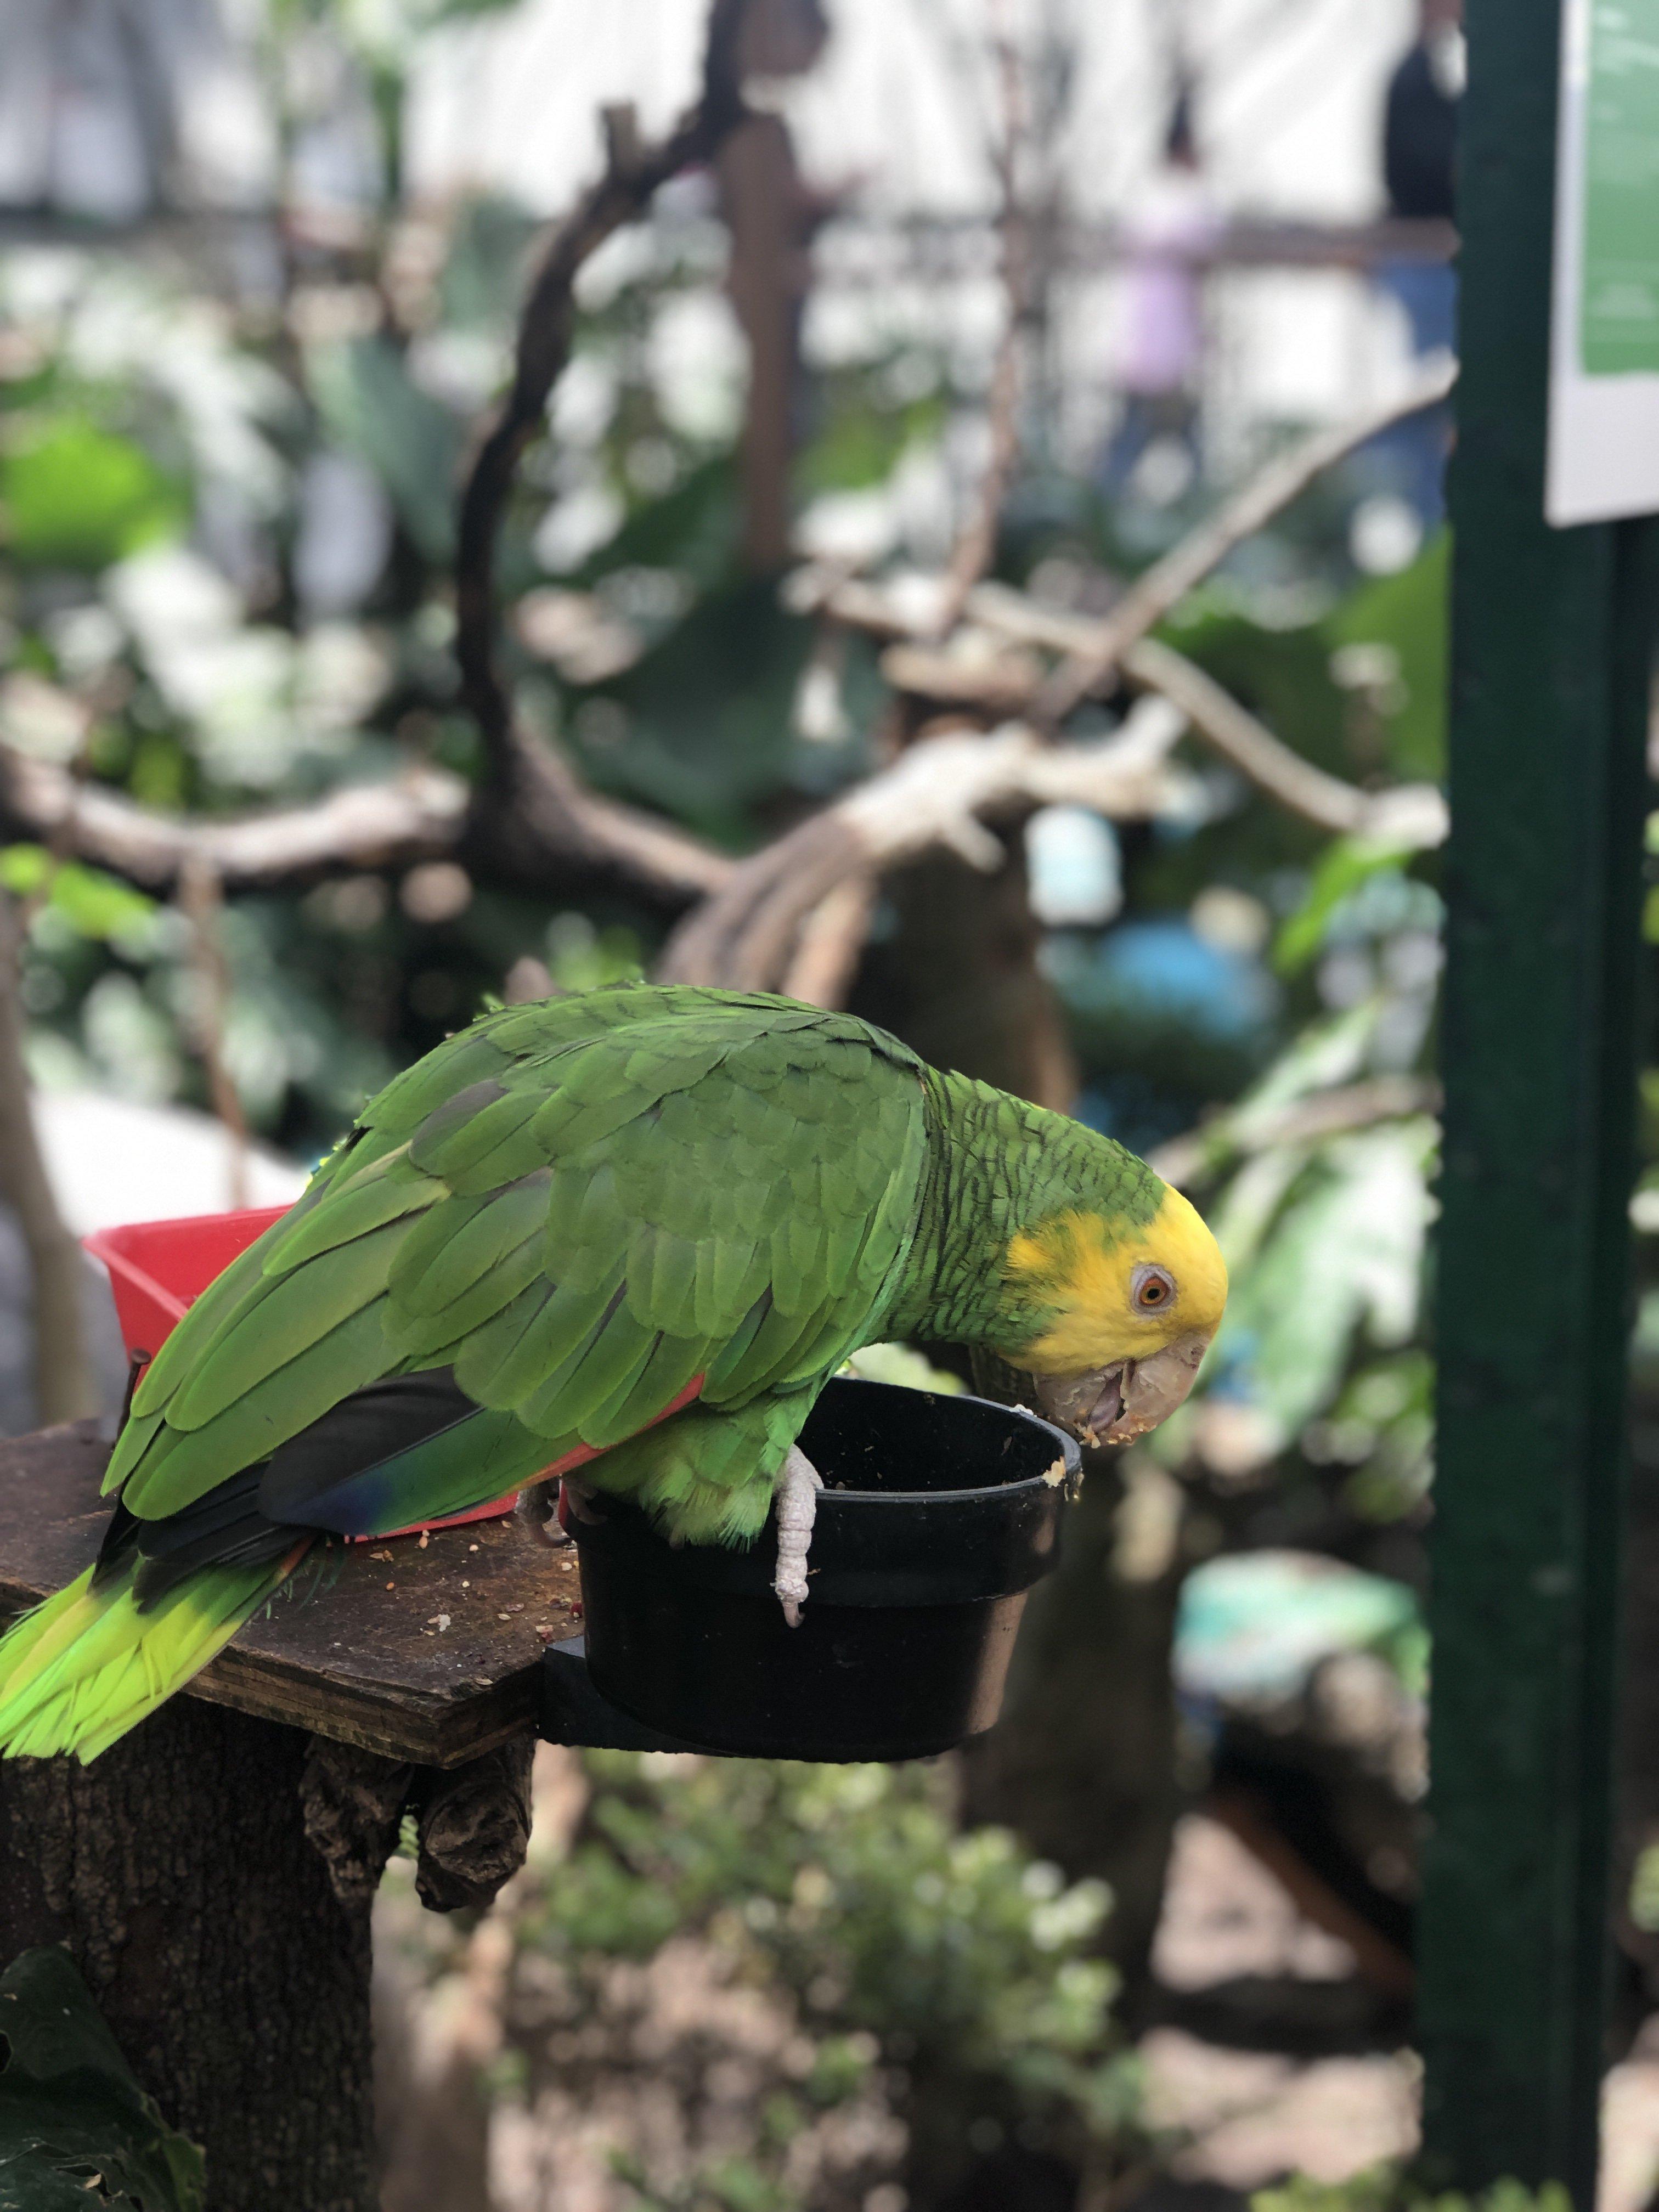 Lincoln Park Aviary in Polanco, CDMX